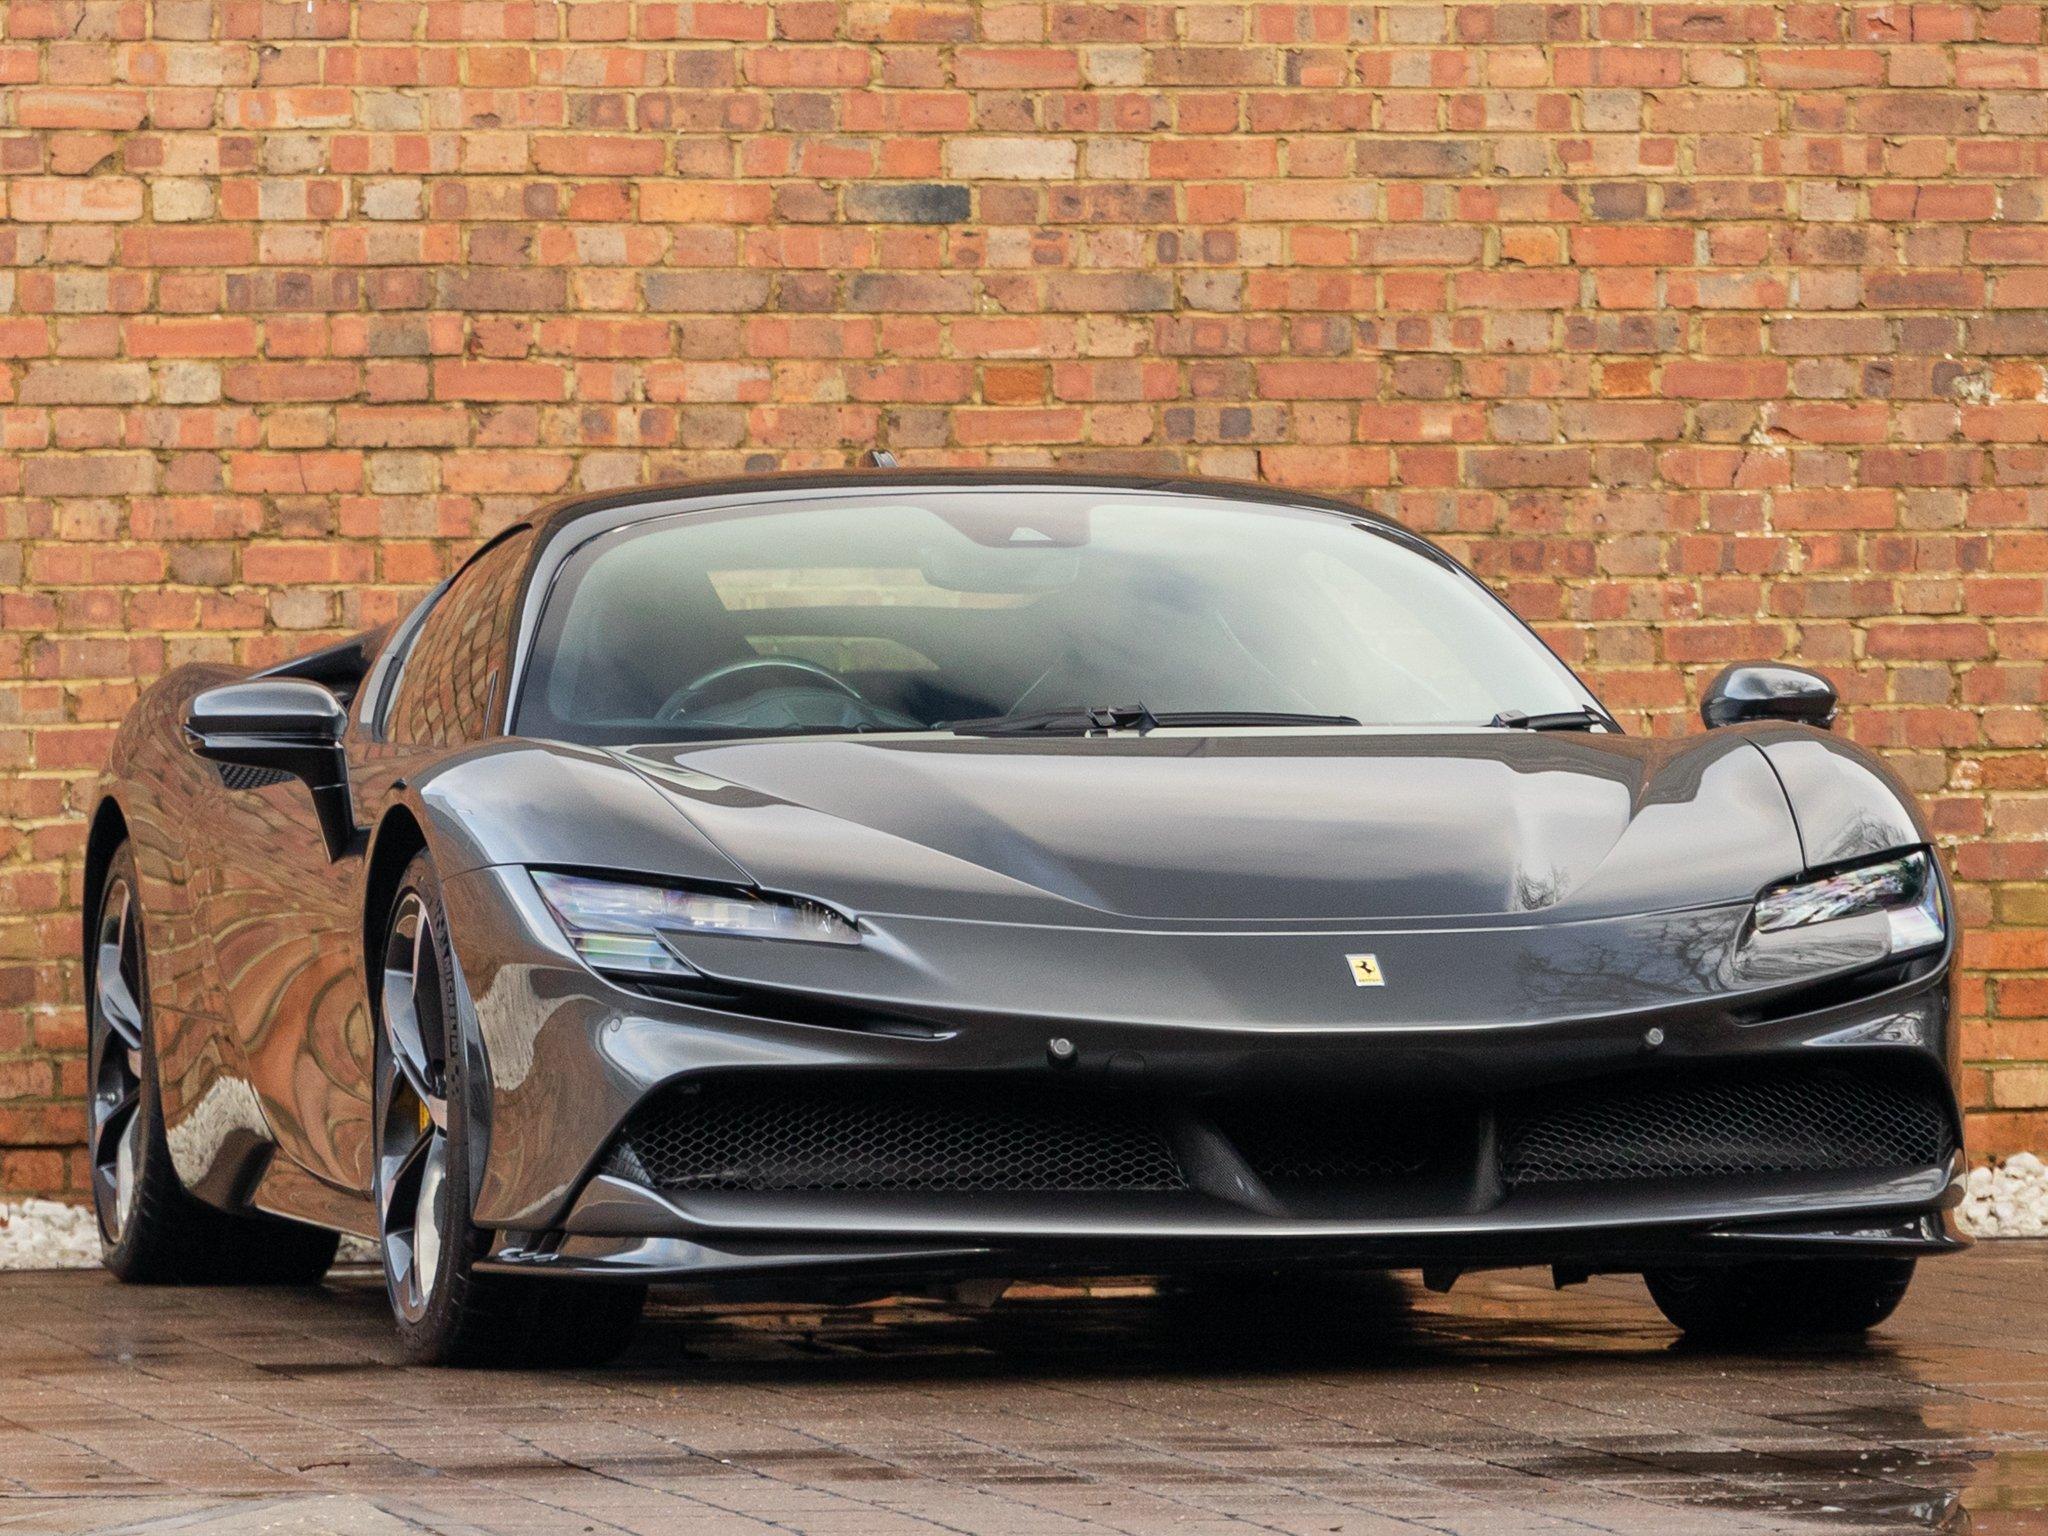 2020 Ferrari Sf90 Stradale Classic Driver Market